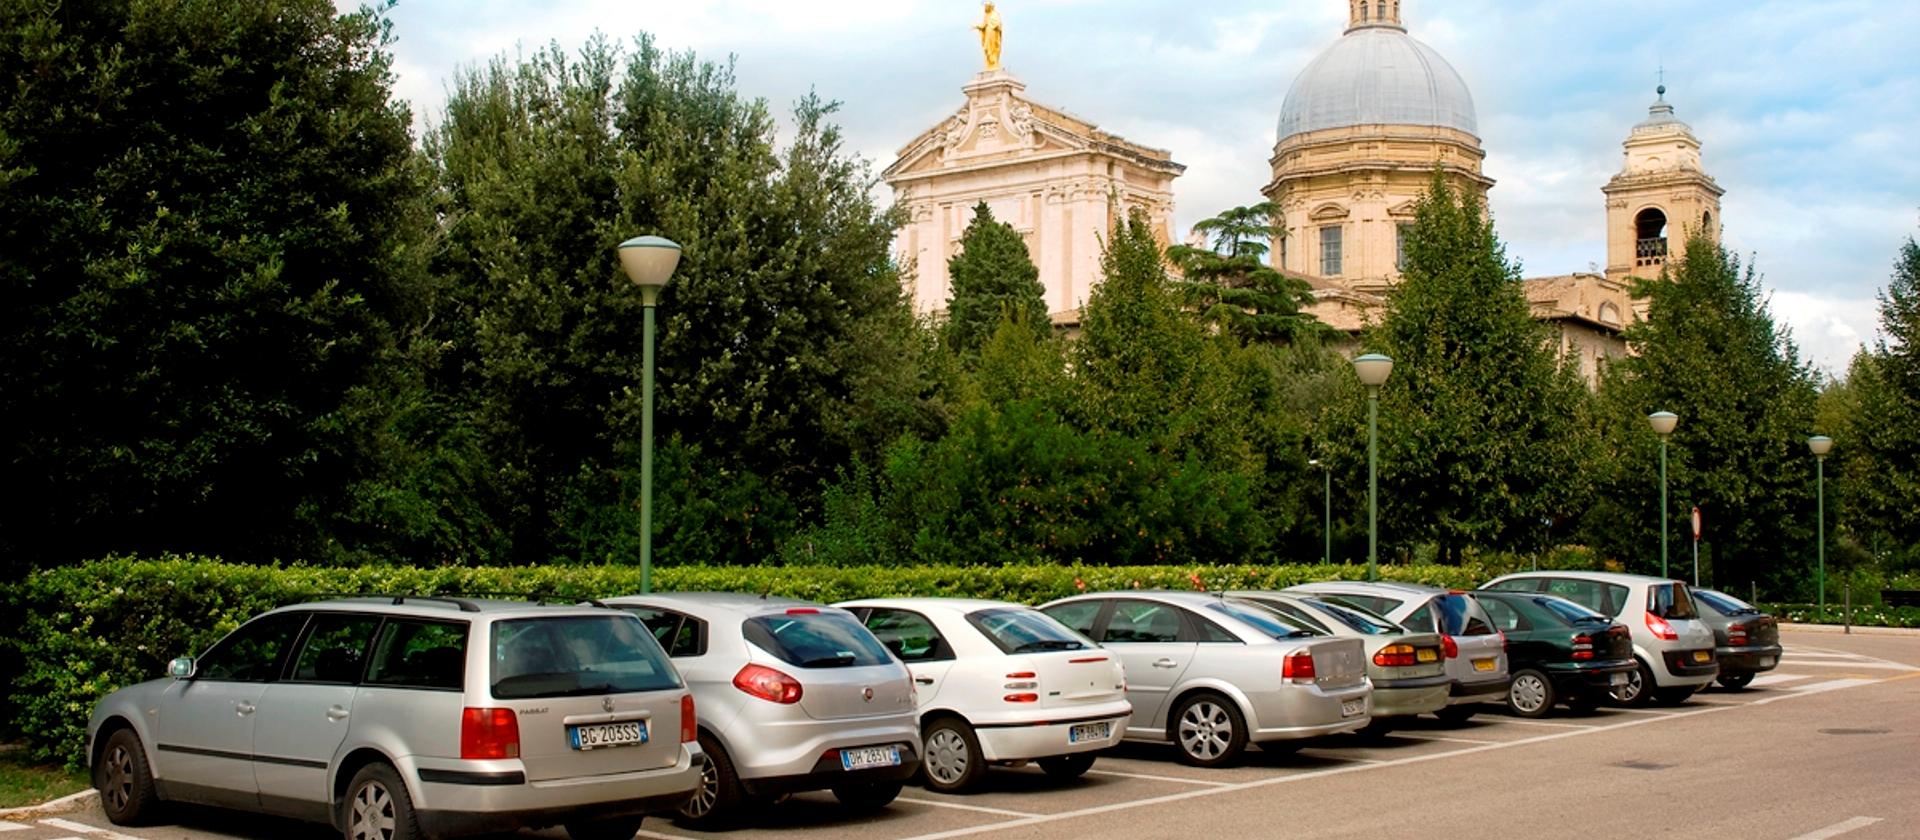 parcheggio_fronte